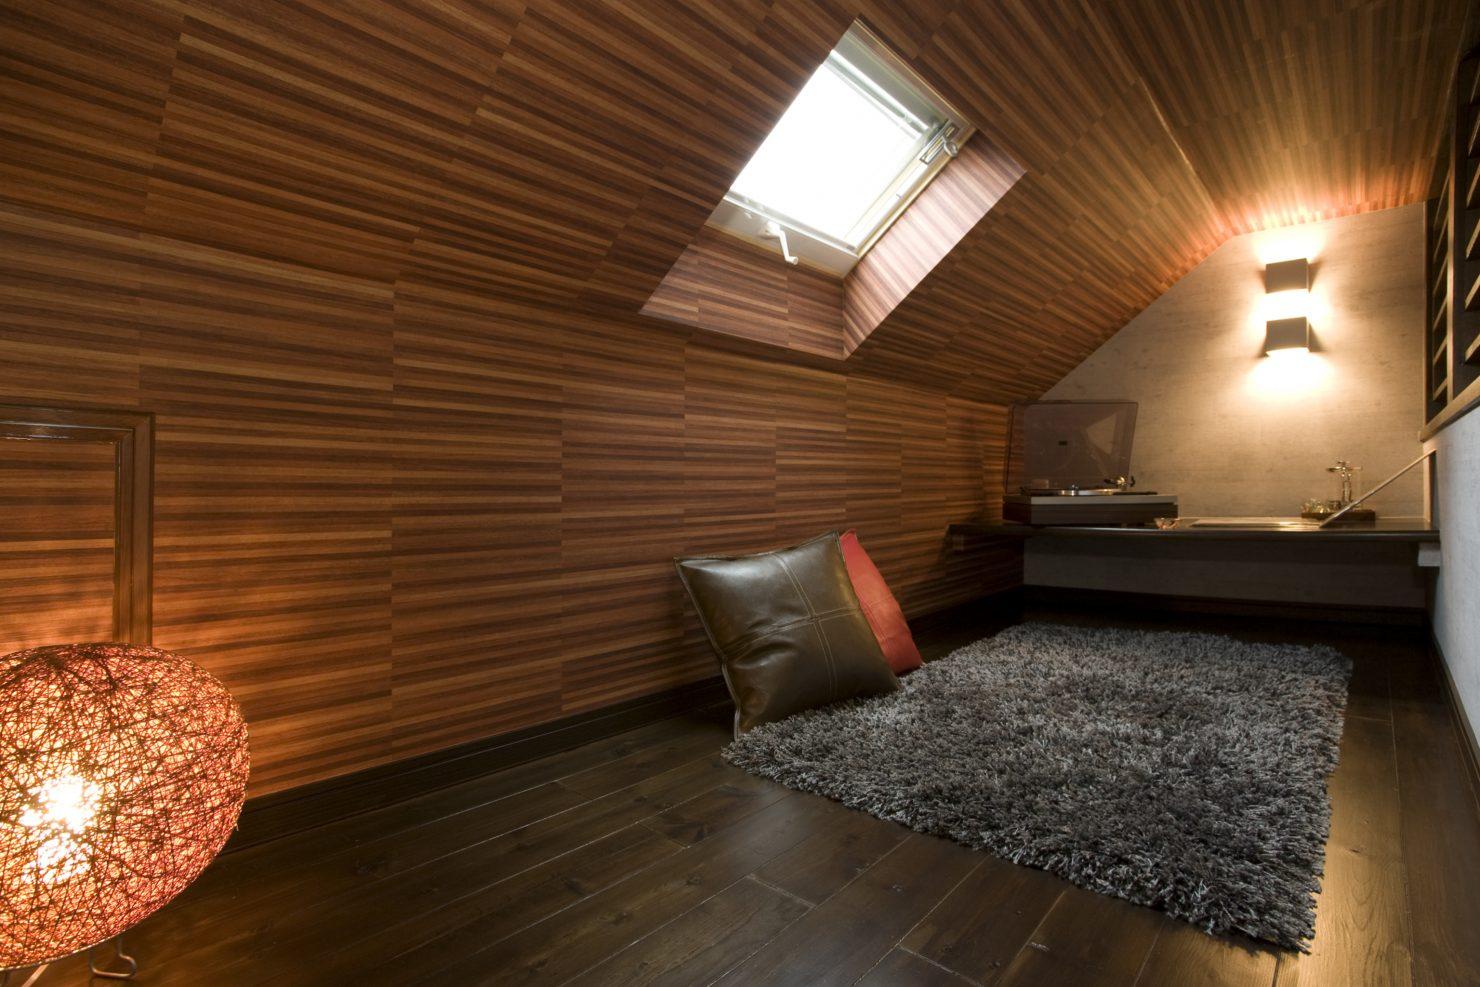 ハウスM21「ほぼ平屋の平屋風の住まい」小屋裏写真